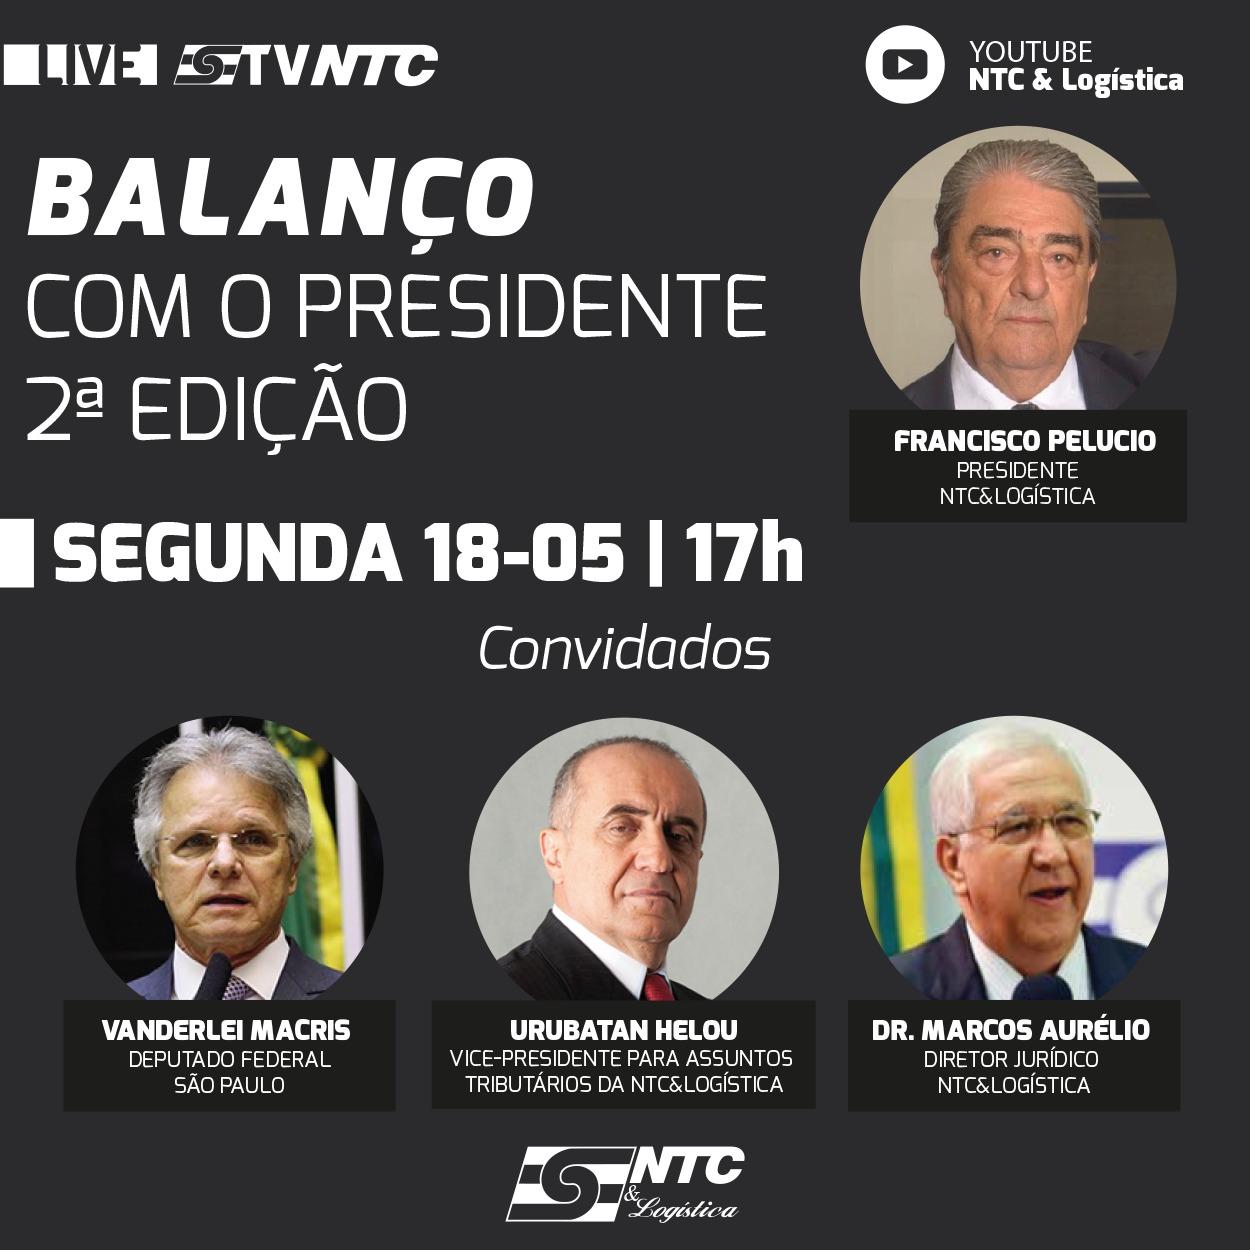 'Balanço com o Presidente' acontece hoje na TV NTC